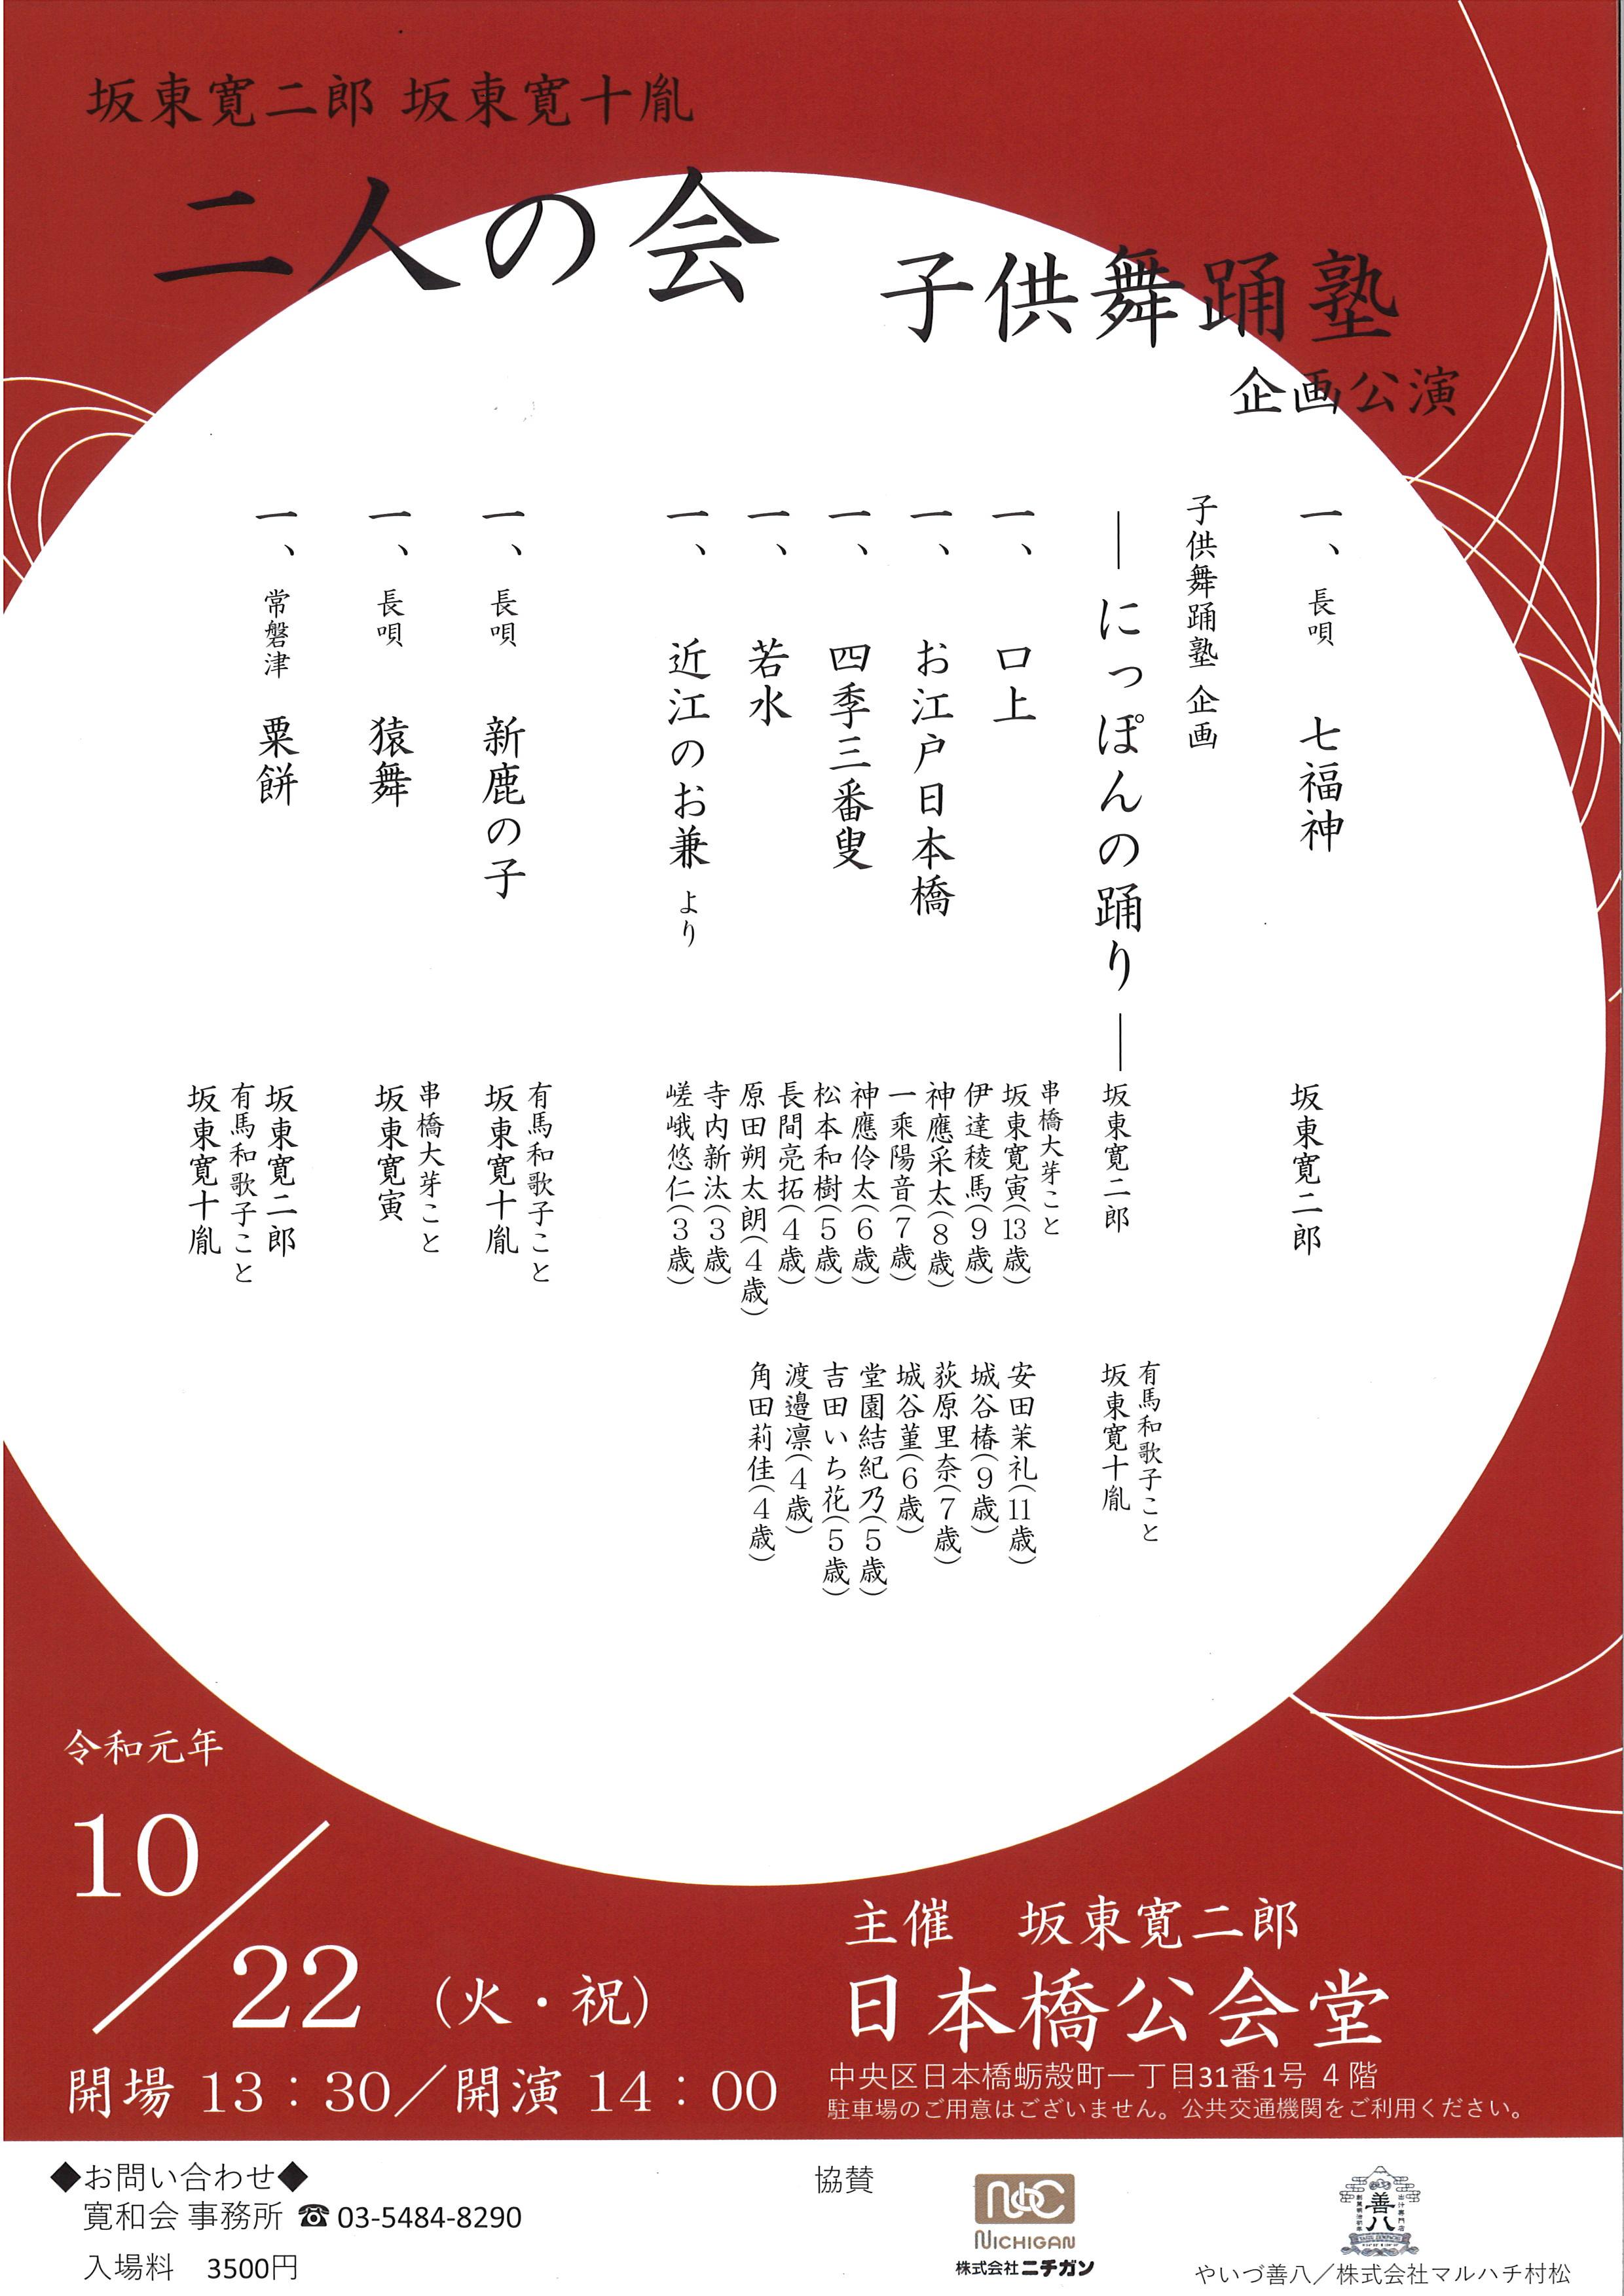 坂東寛二郎 坂東寛十胤 二人の会 子供舞踊塾 企画公演